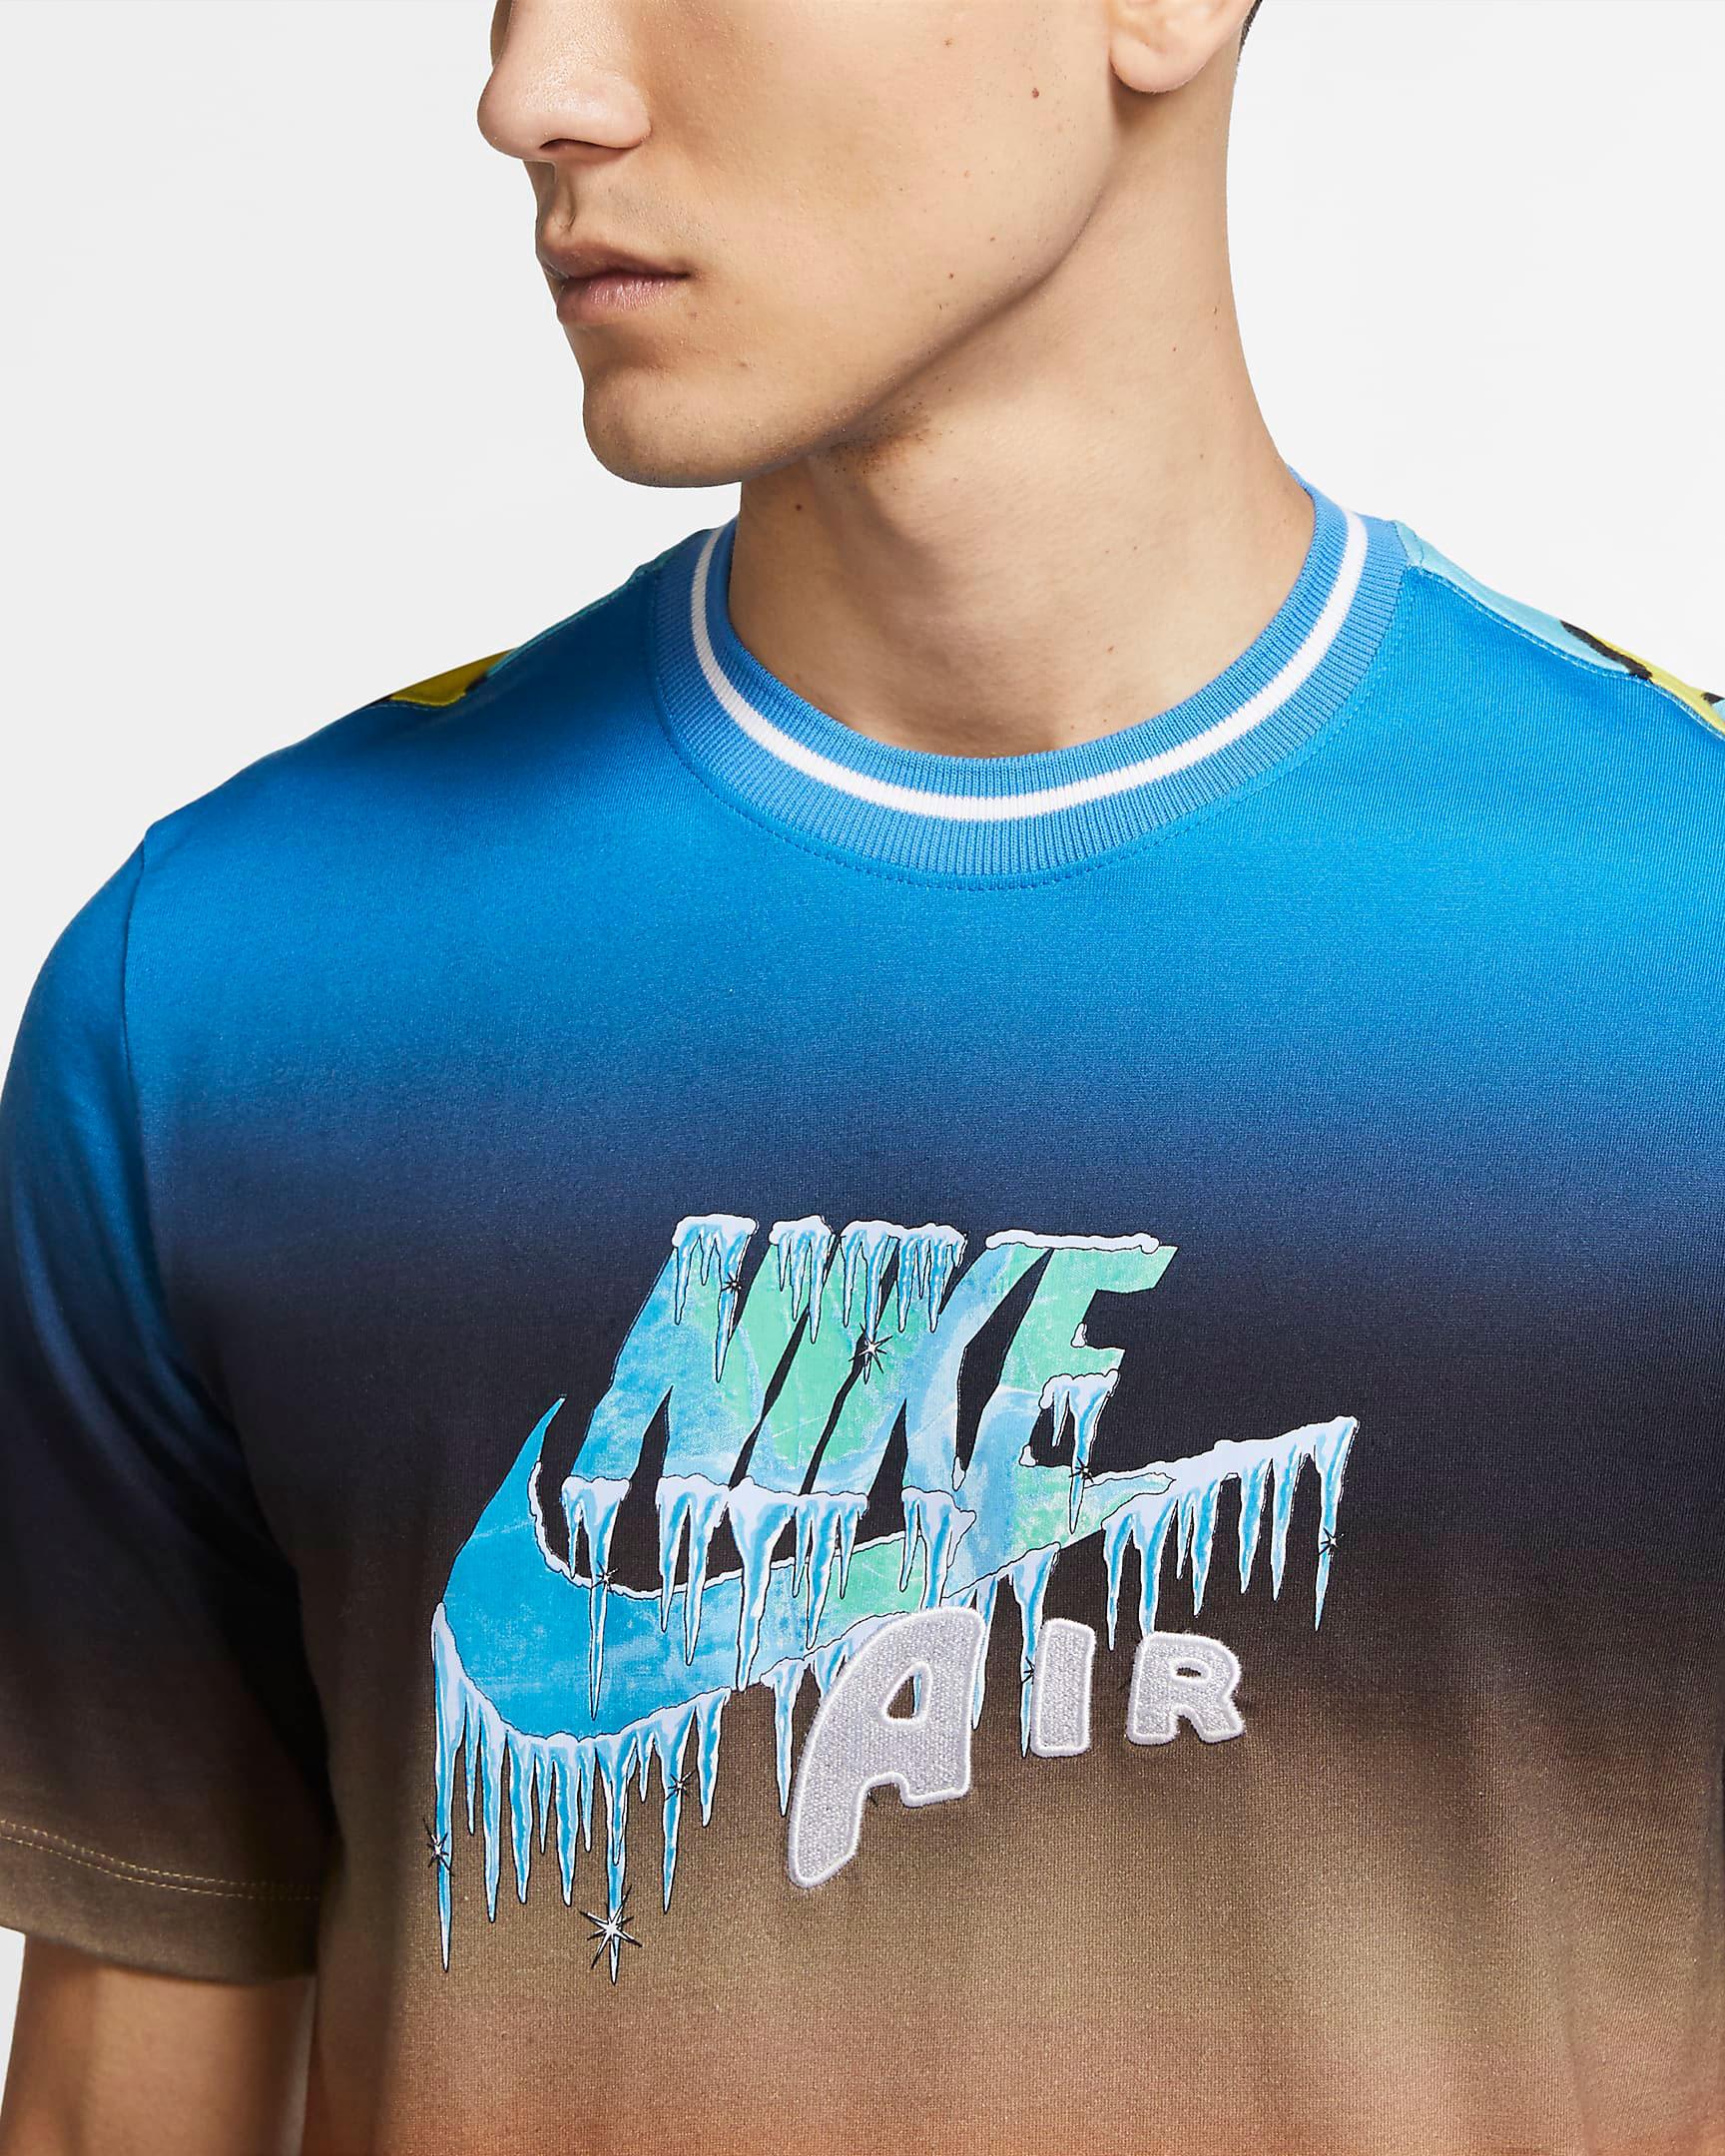 nike-laser-blue-shirt